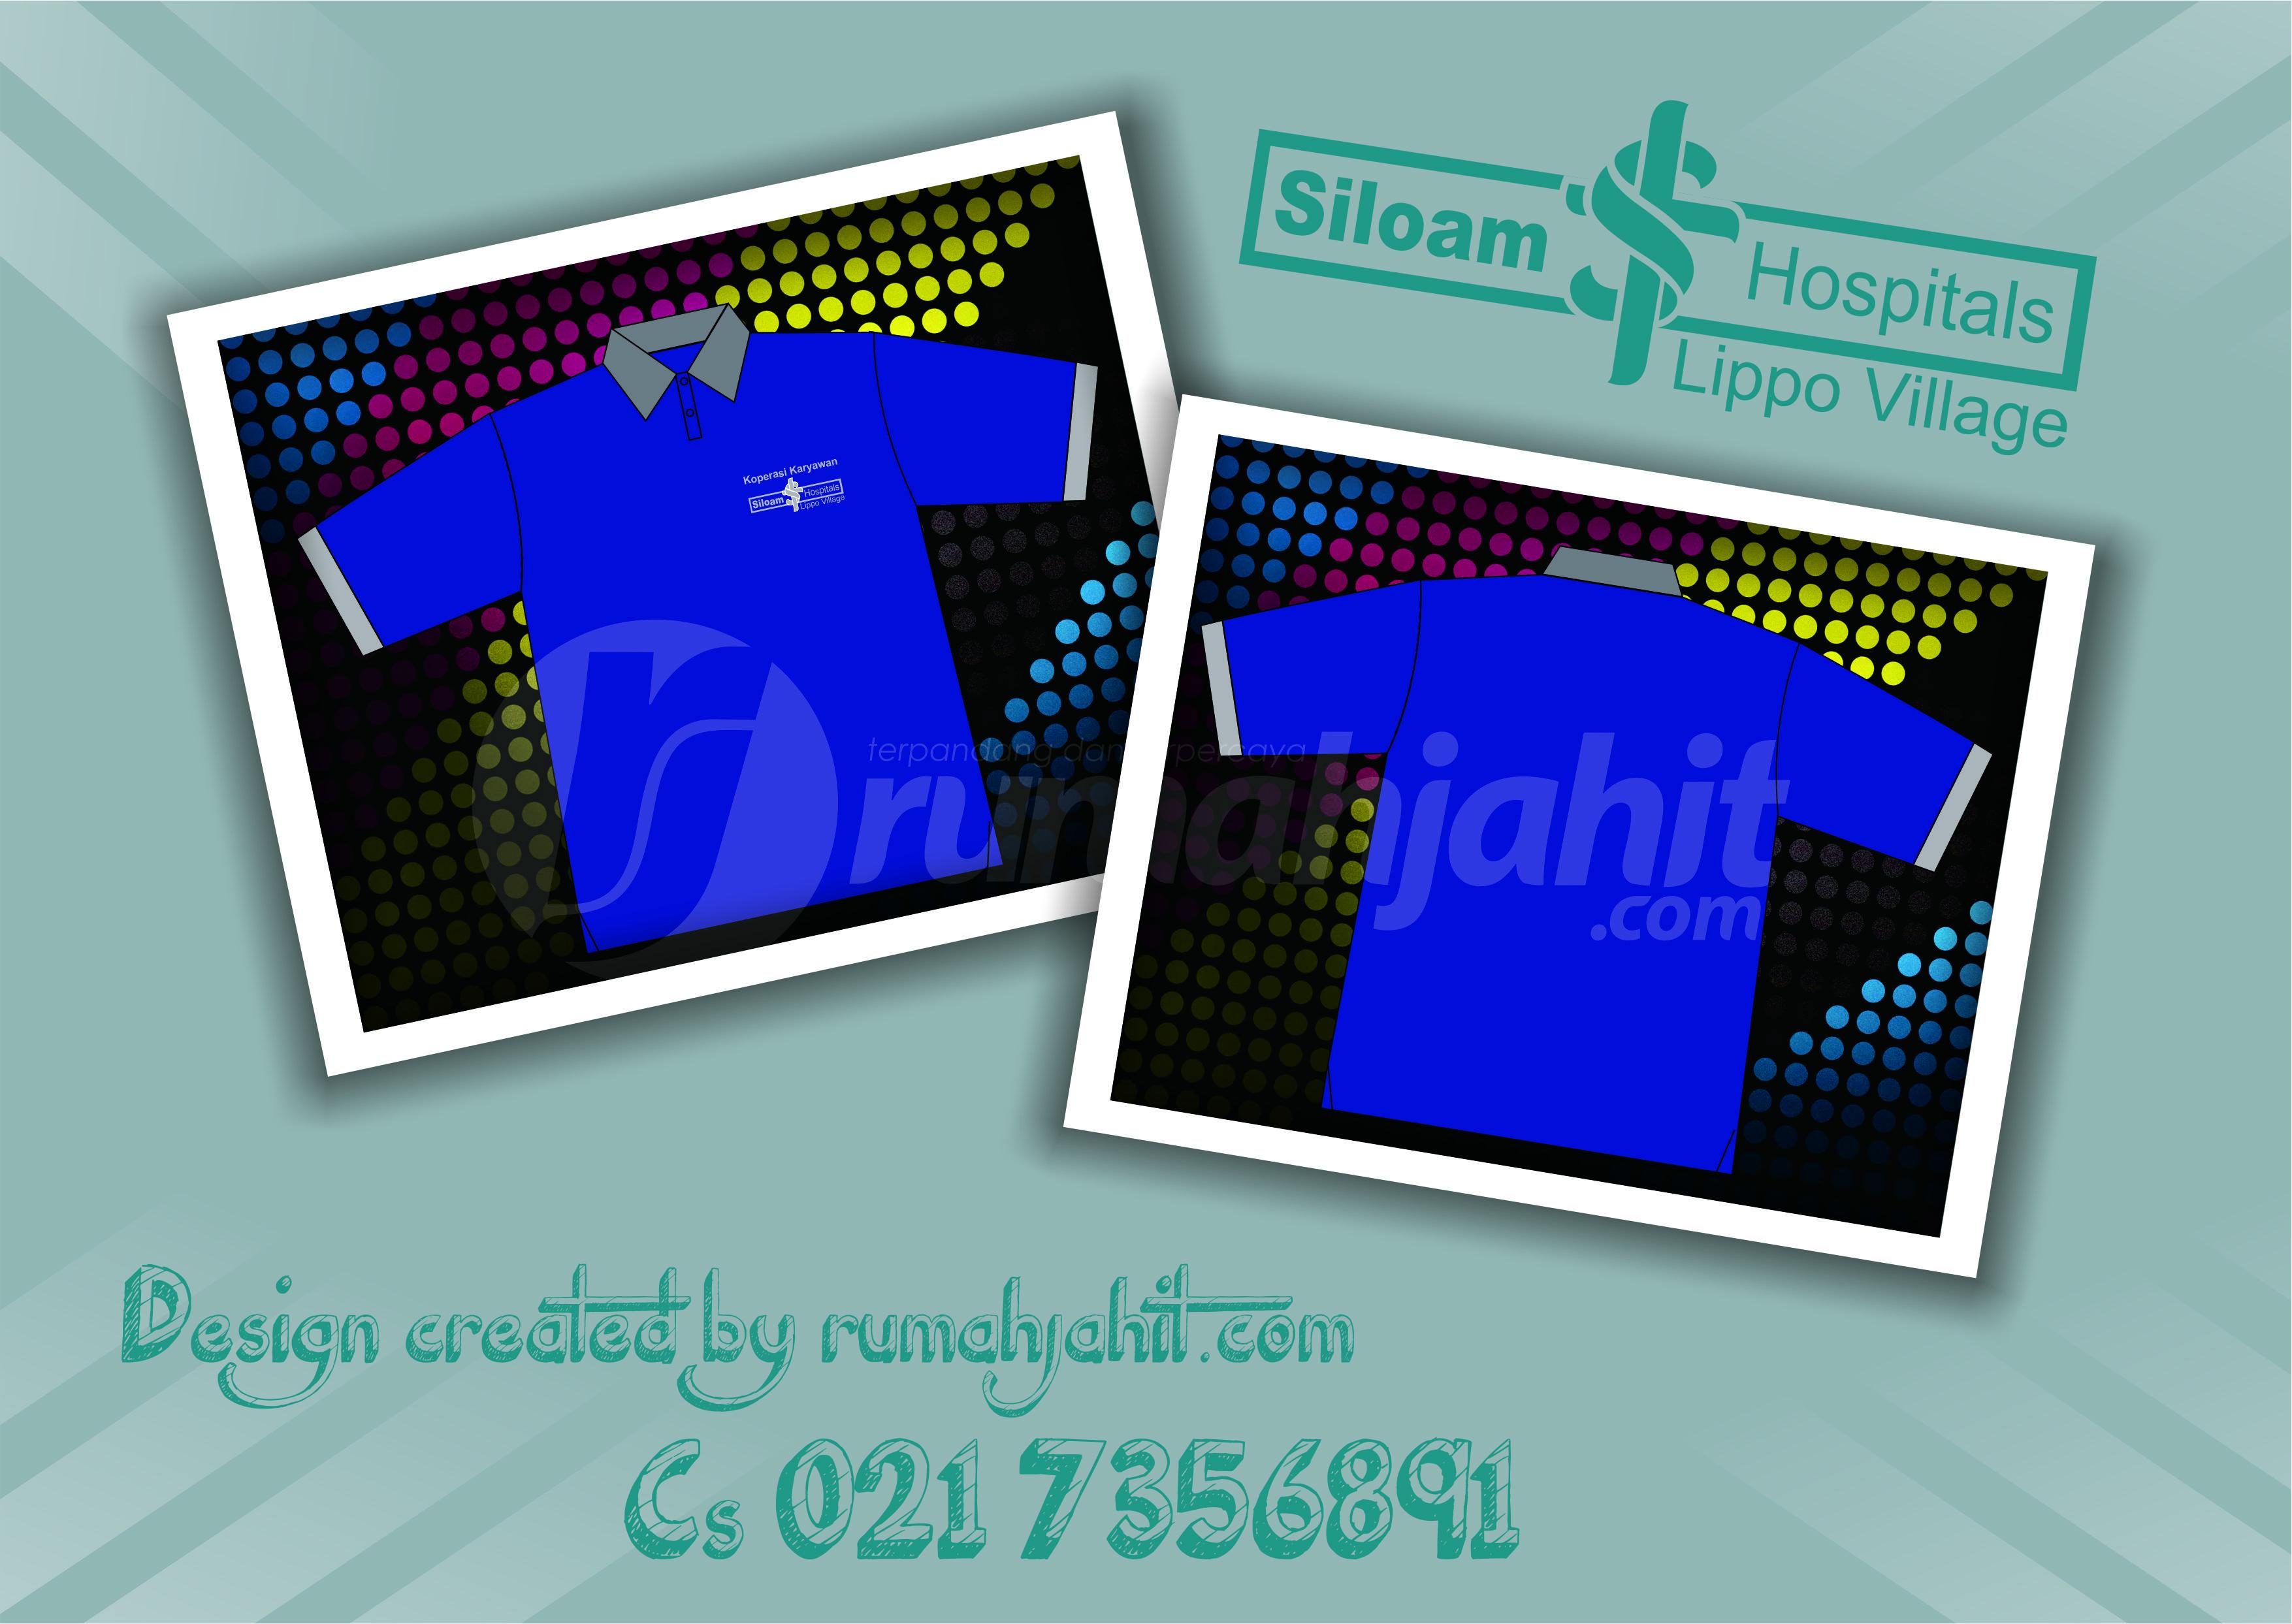 Kaos Rumah Sakit Siloam